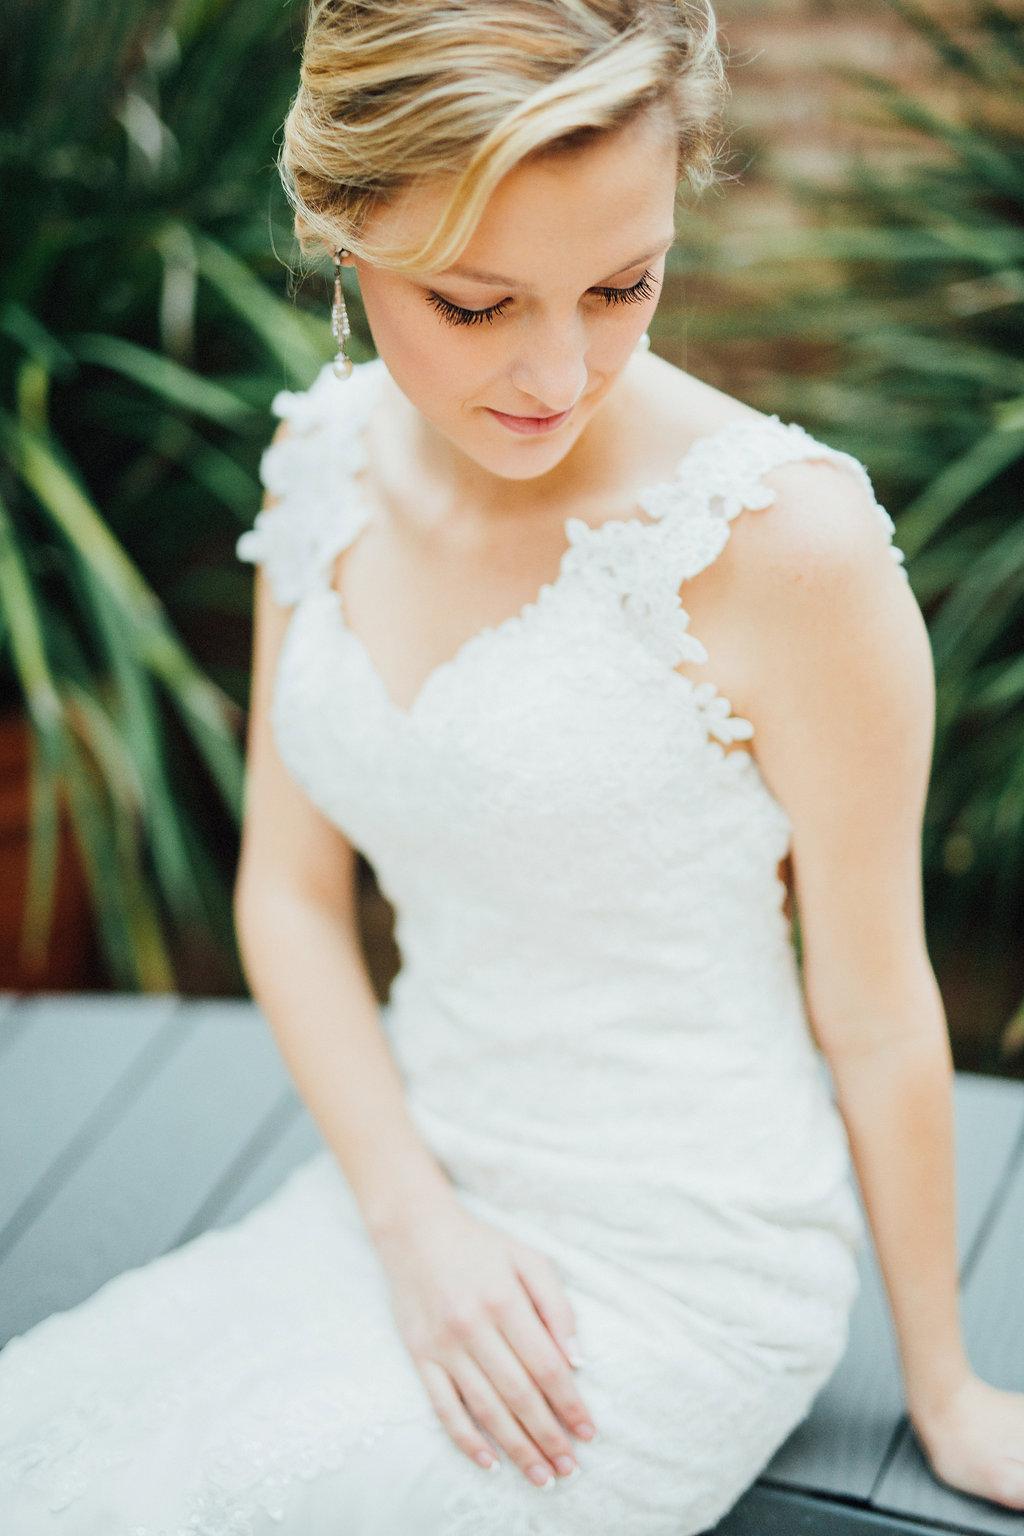 kennedy_bridals-99.jpg